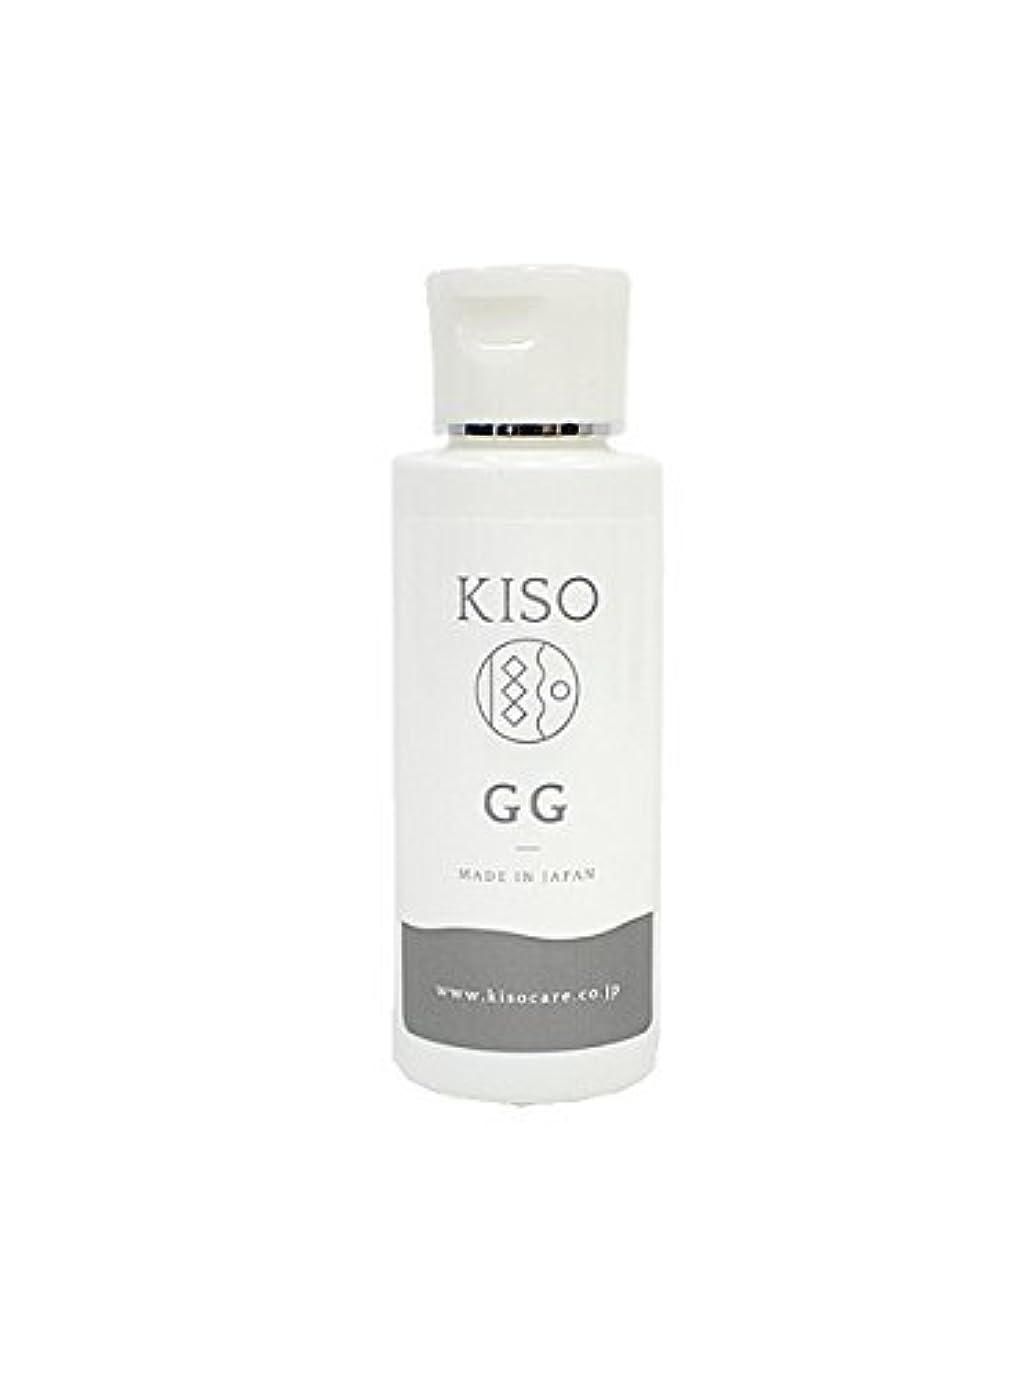 義務経歴かすれたKISO グリシルグリシン5% 高配合美容水 【GGエッセンス 50mL】 肌のキメを整える?肌をひきしめる